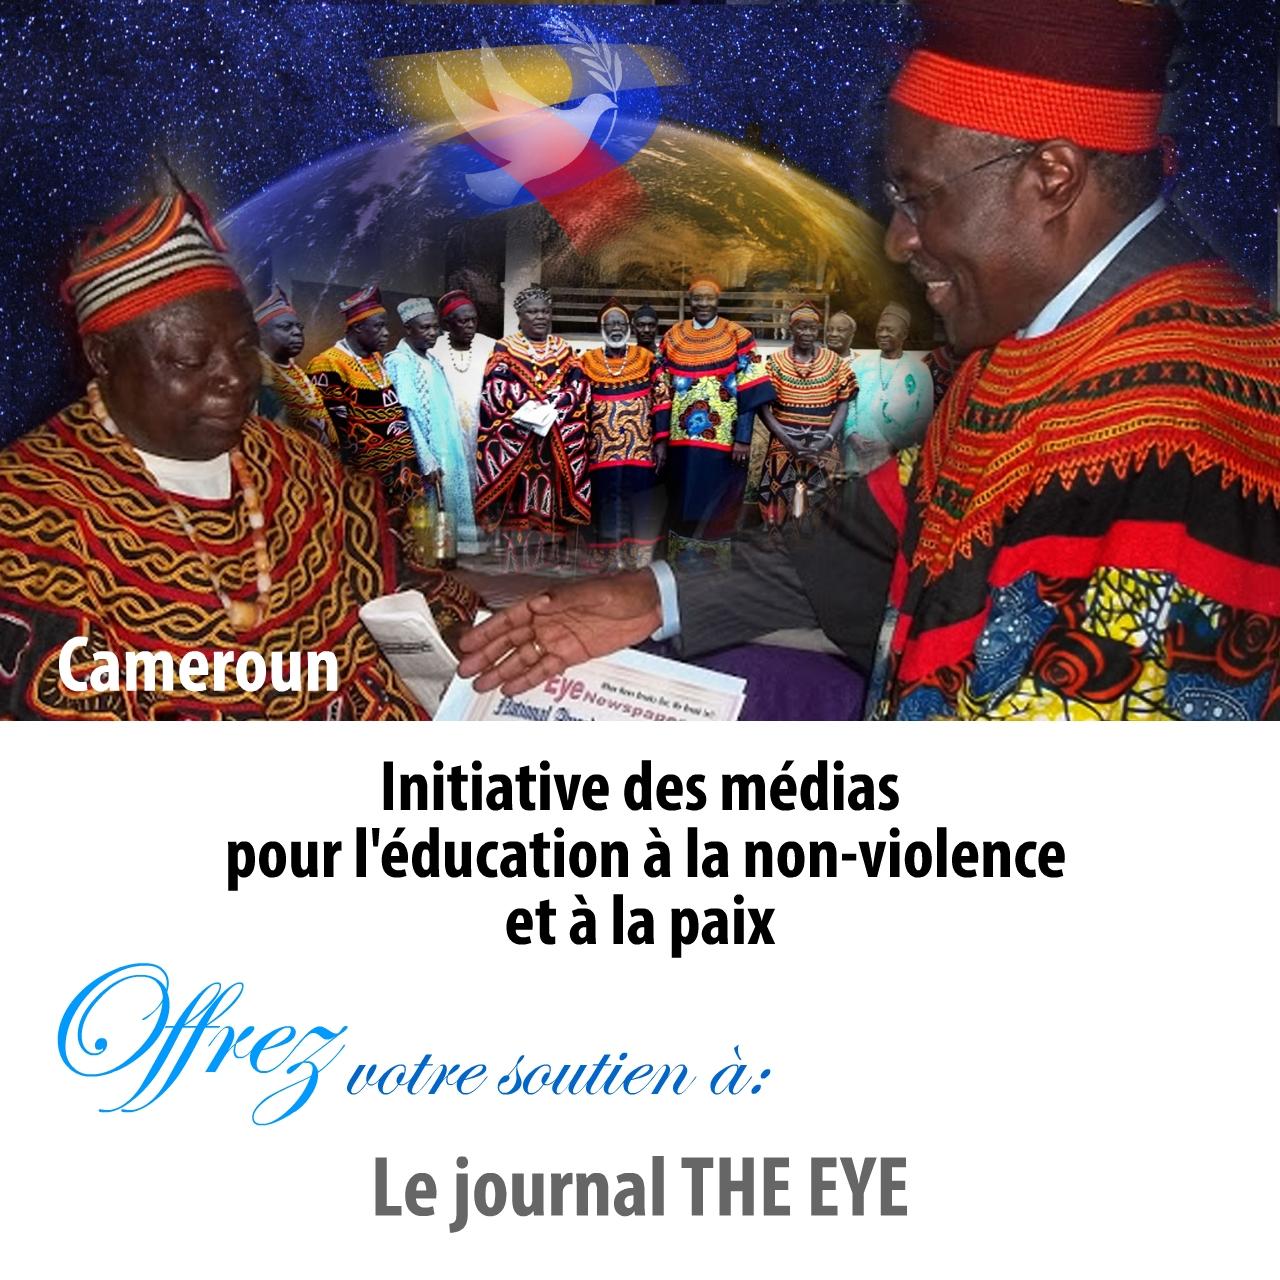 ppp-the-eye-2018-fr